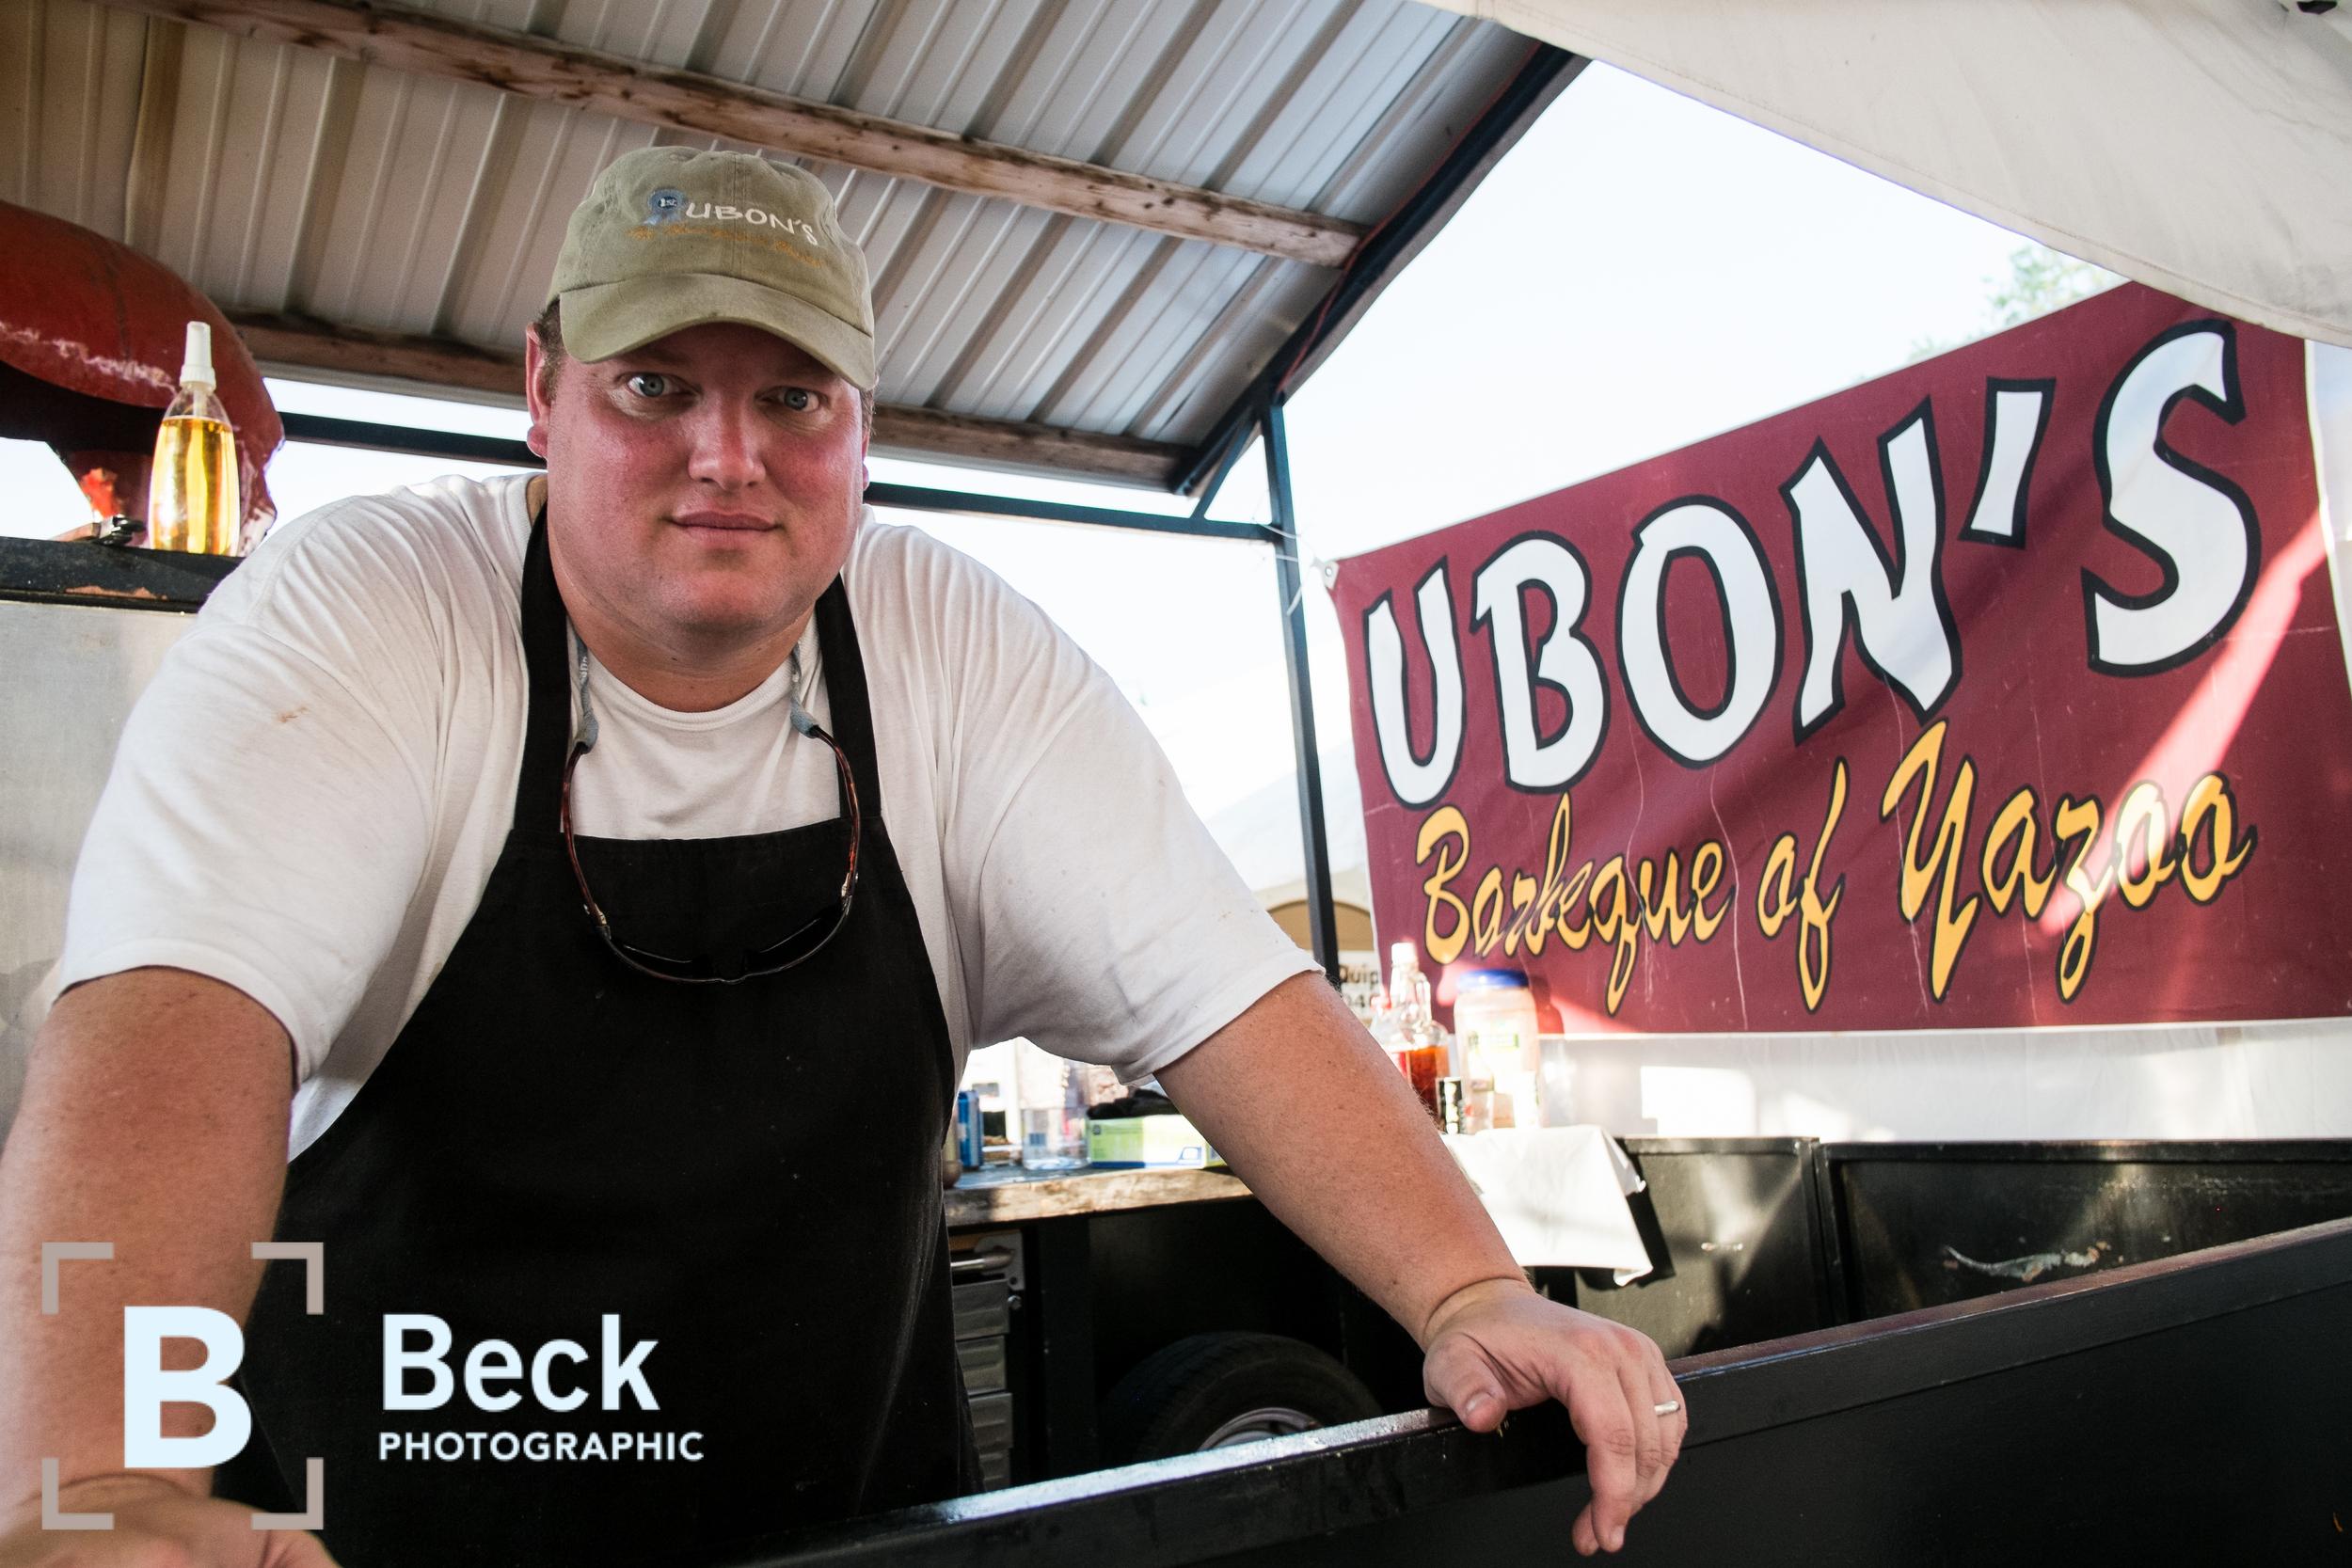 Ubon's of Yazoo City